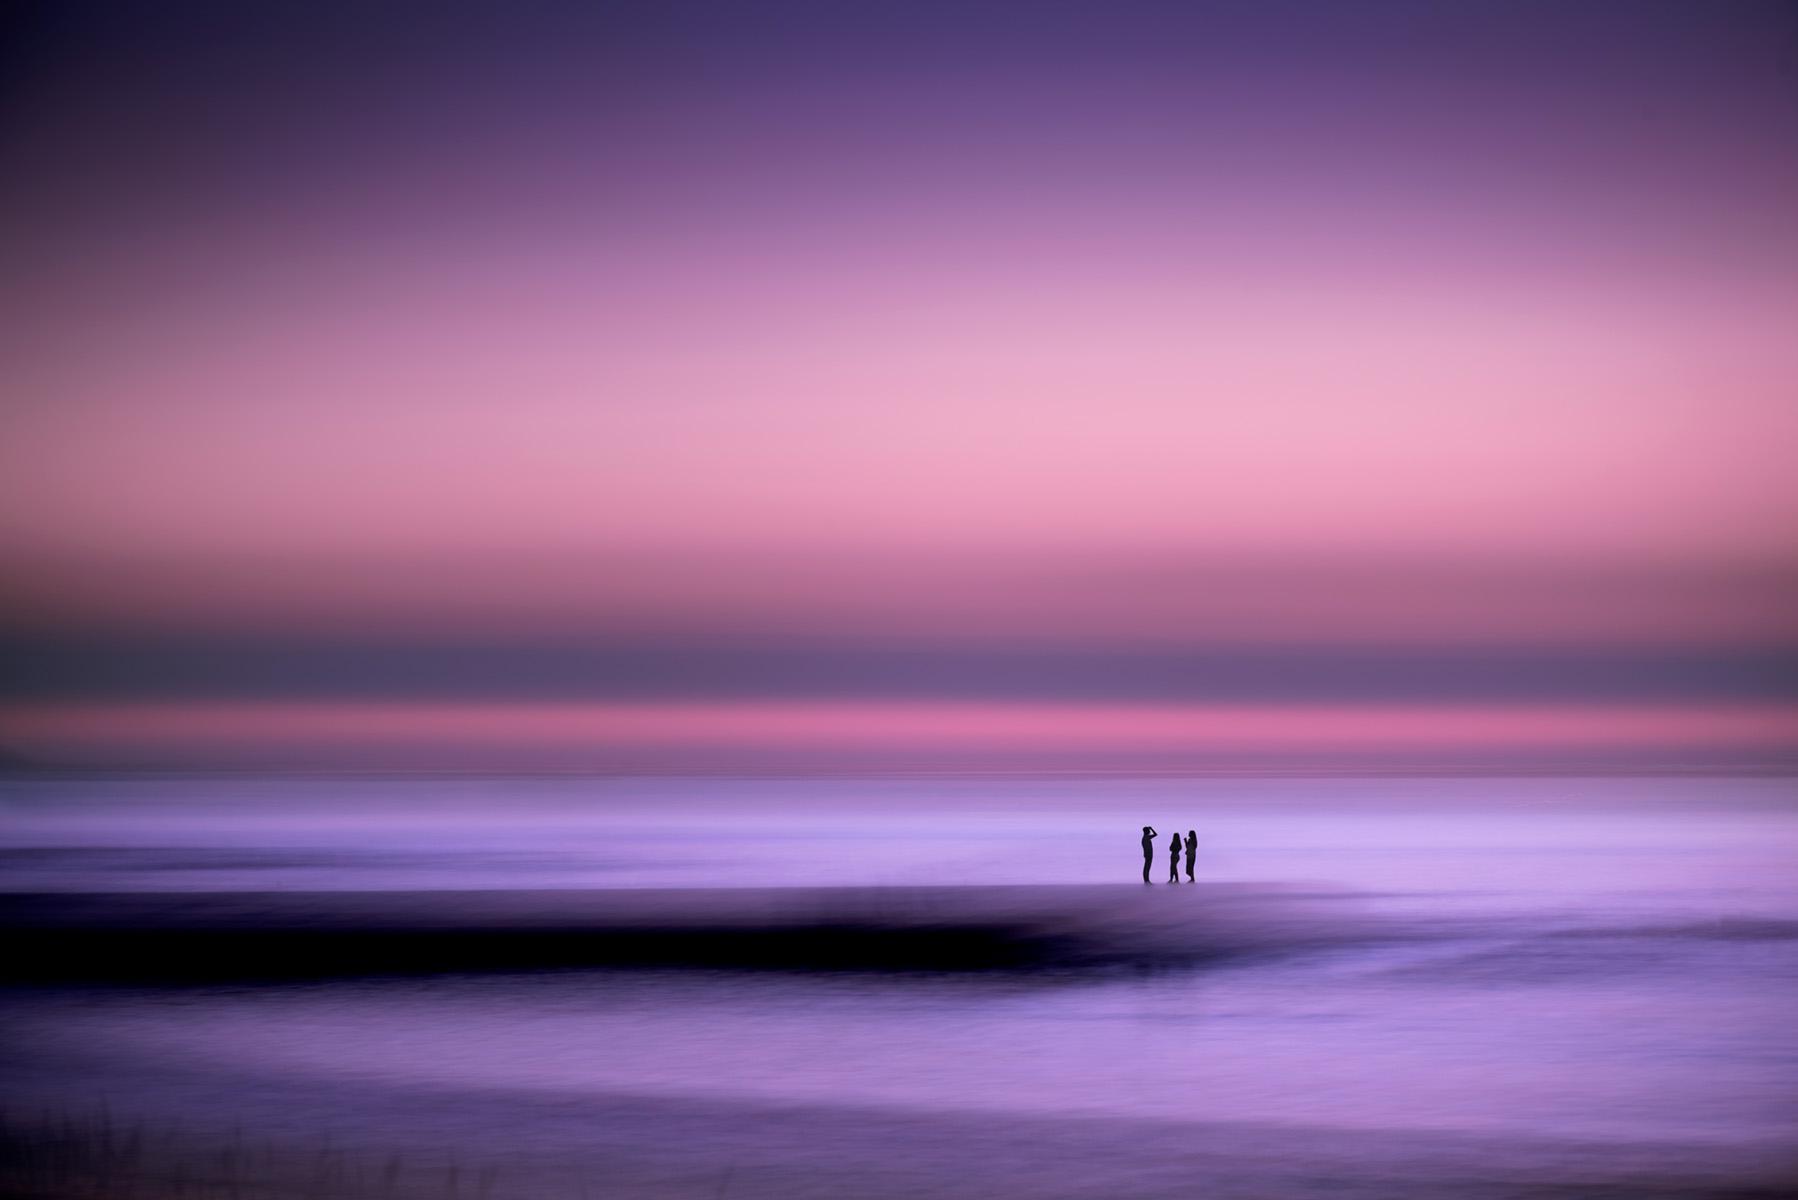 Ramon_Vaquero_seaside-2_fotografos_vigo_españa